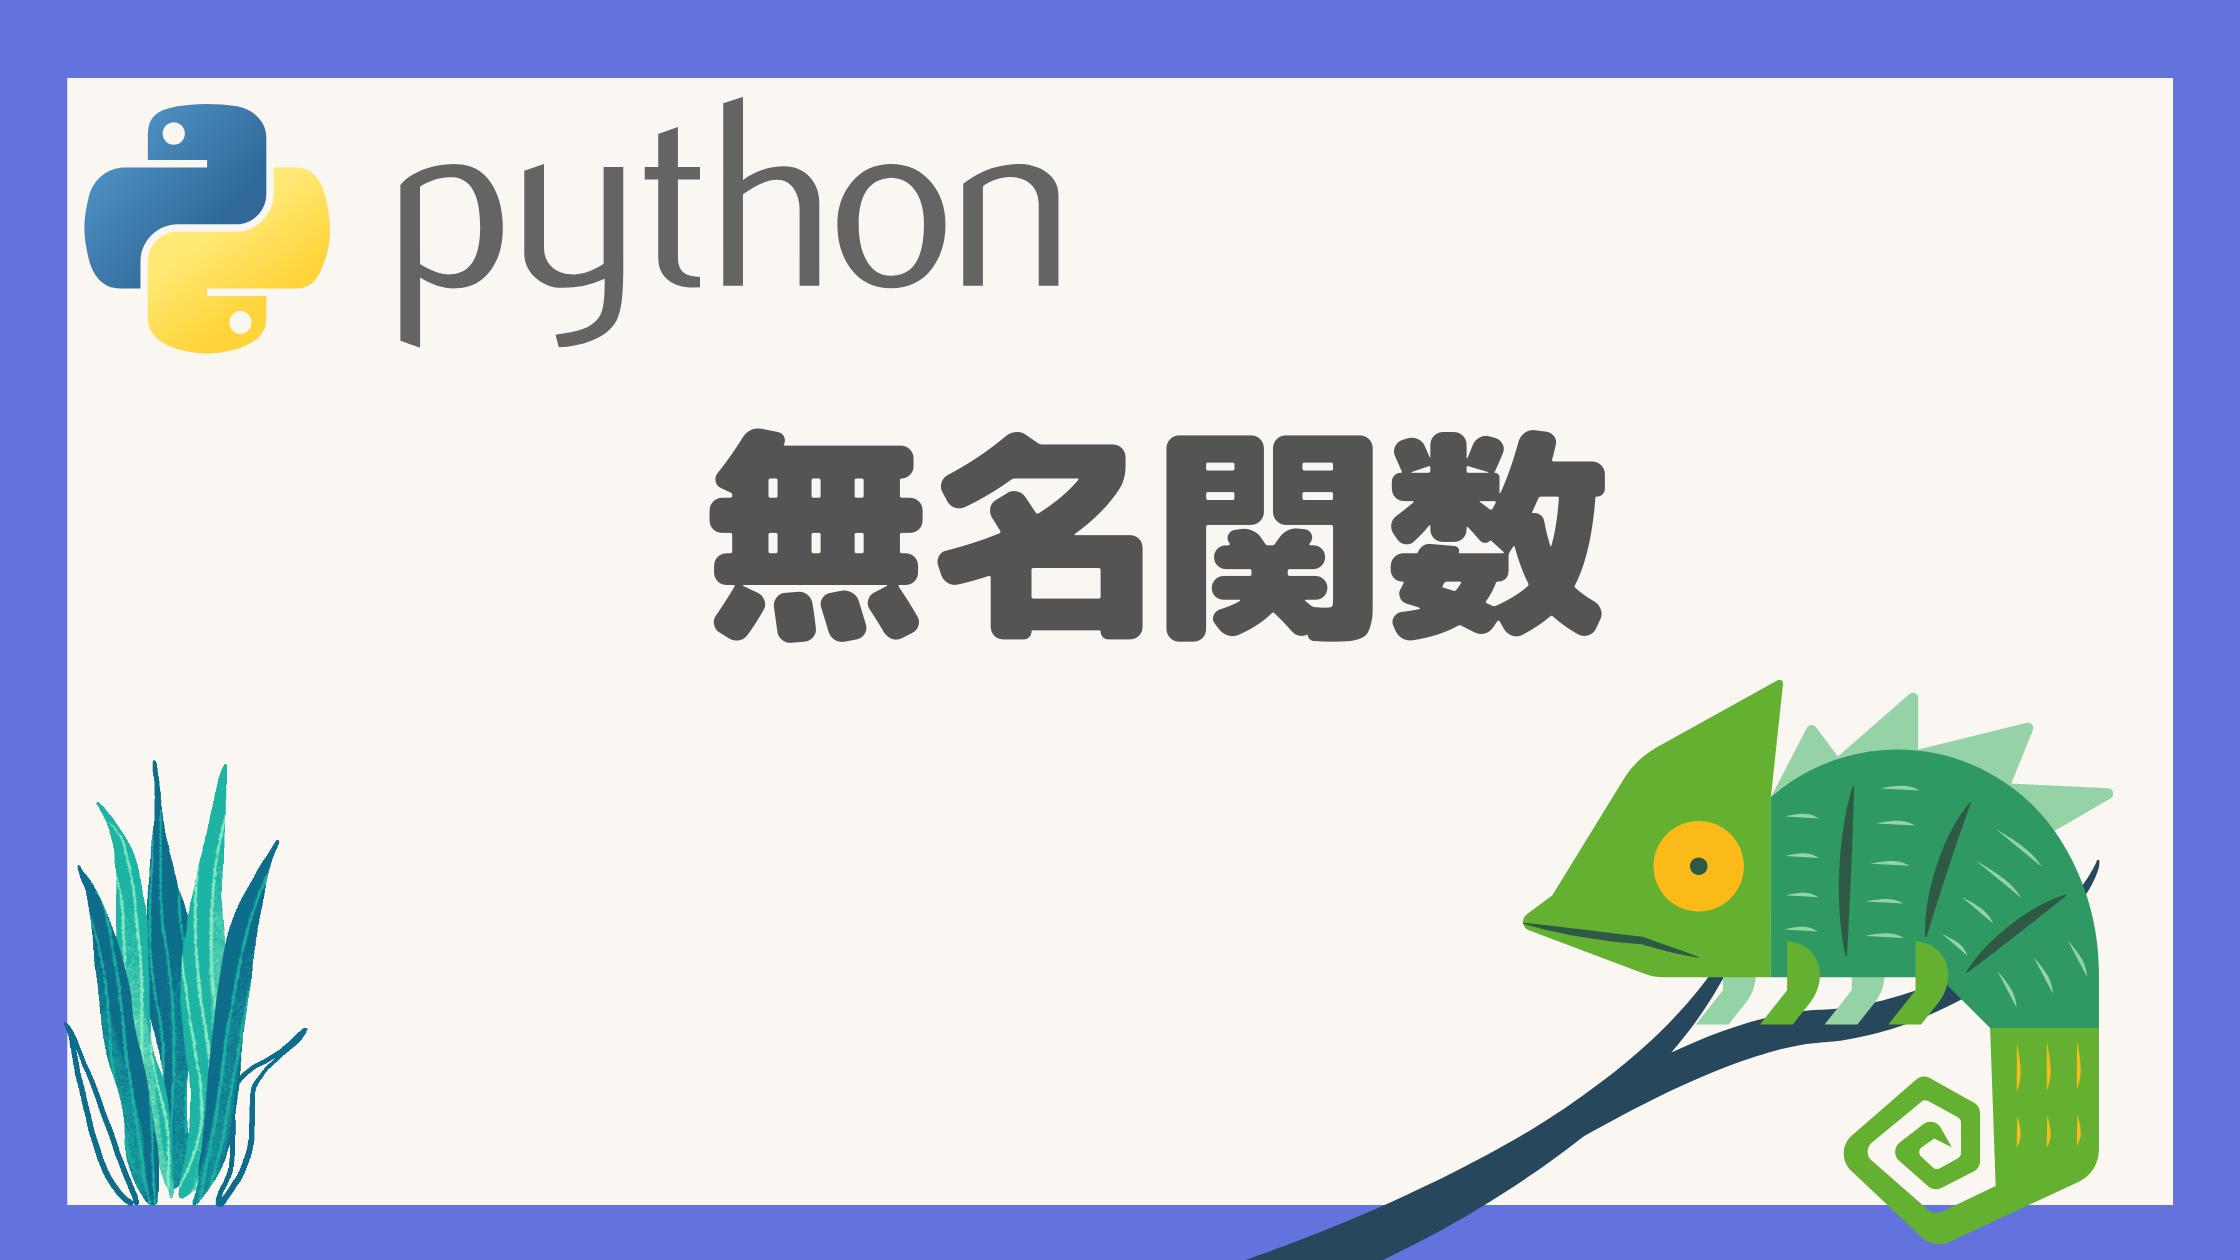 pythonの無名関数の記事のアイキャッチ